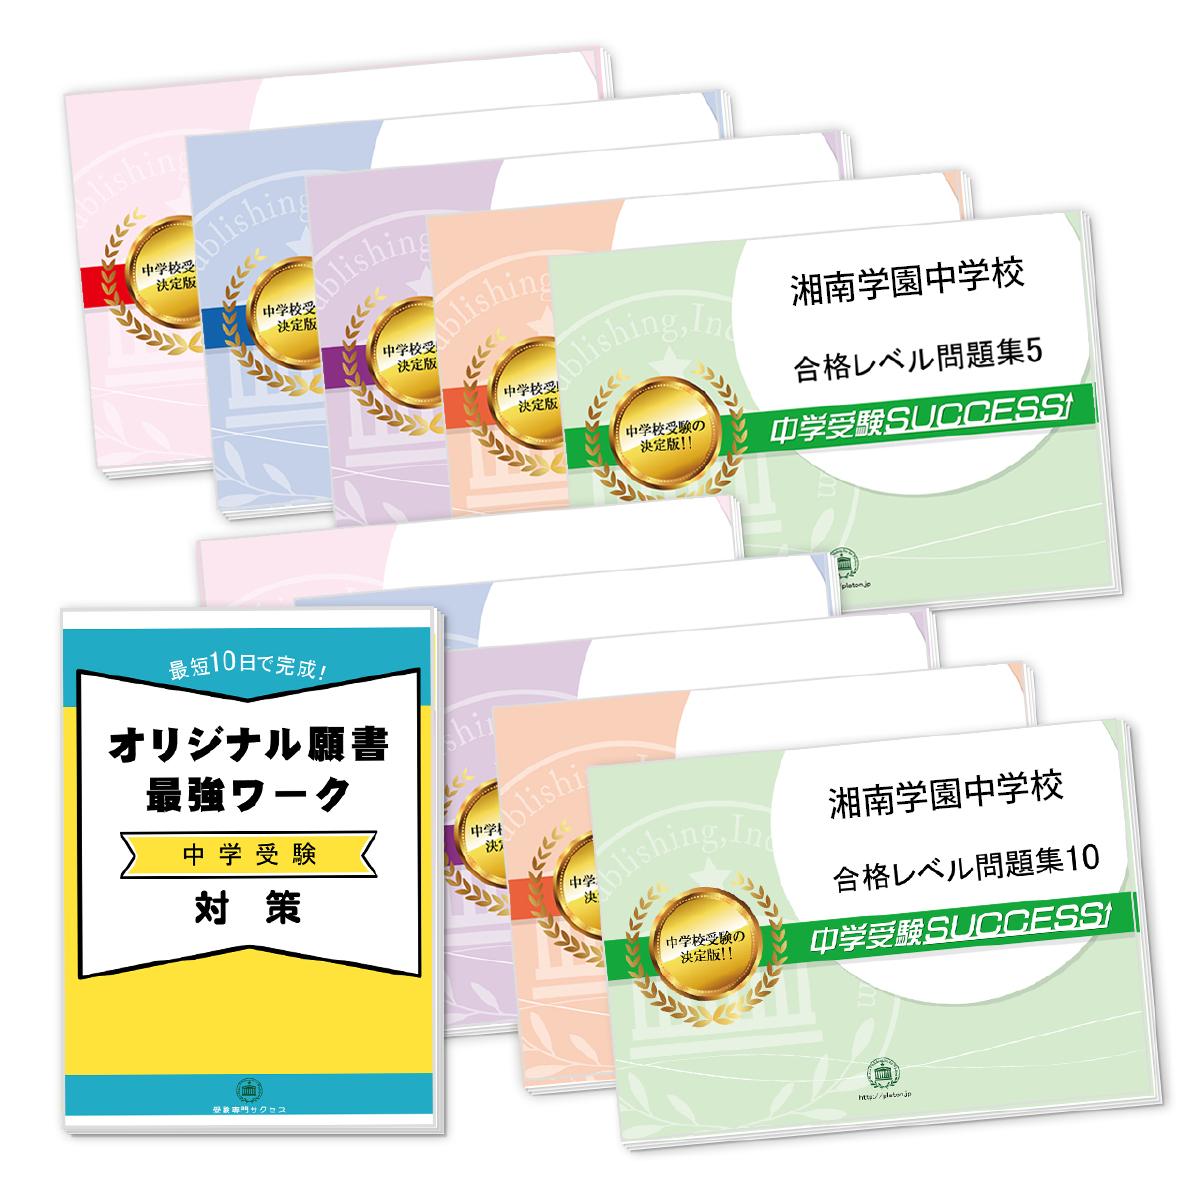 送料 代引手数料無料 公式 湘南学園中学校 新生活 オリジナル願書最強ワーク 受験合格セット 10冊